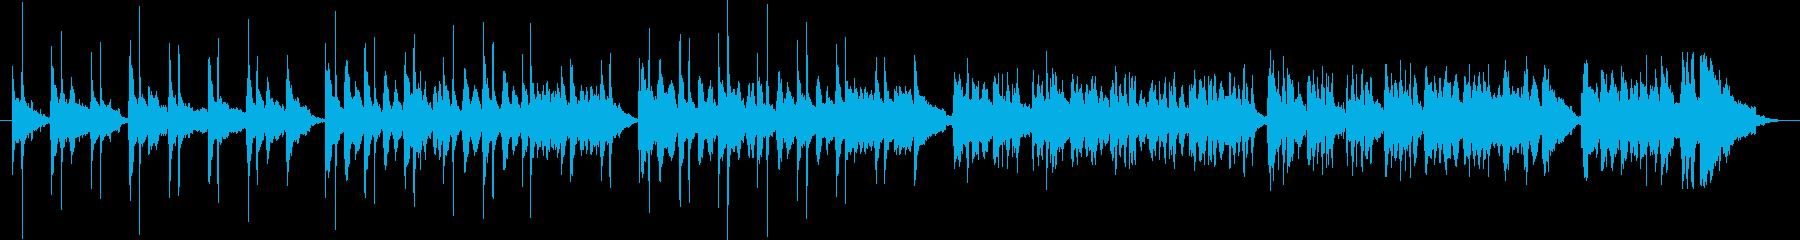 和楽器を使ったさくらさくら風の1分の曲の再生済みの波形